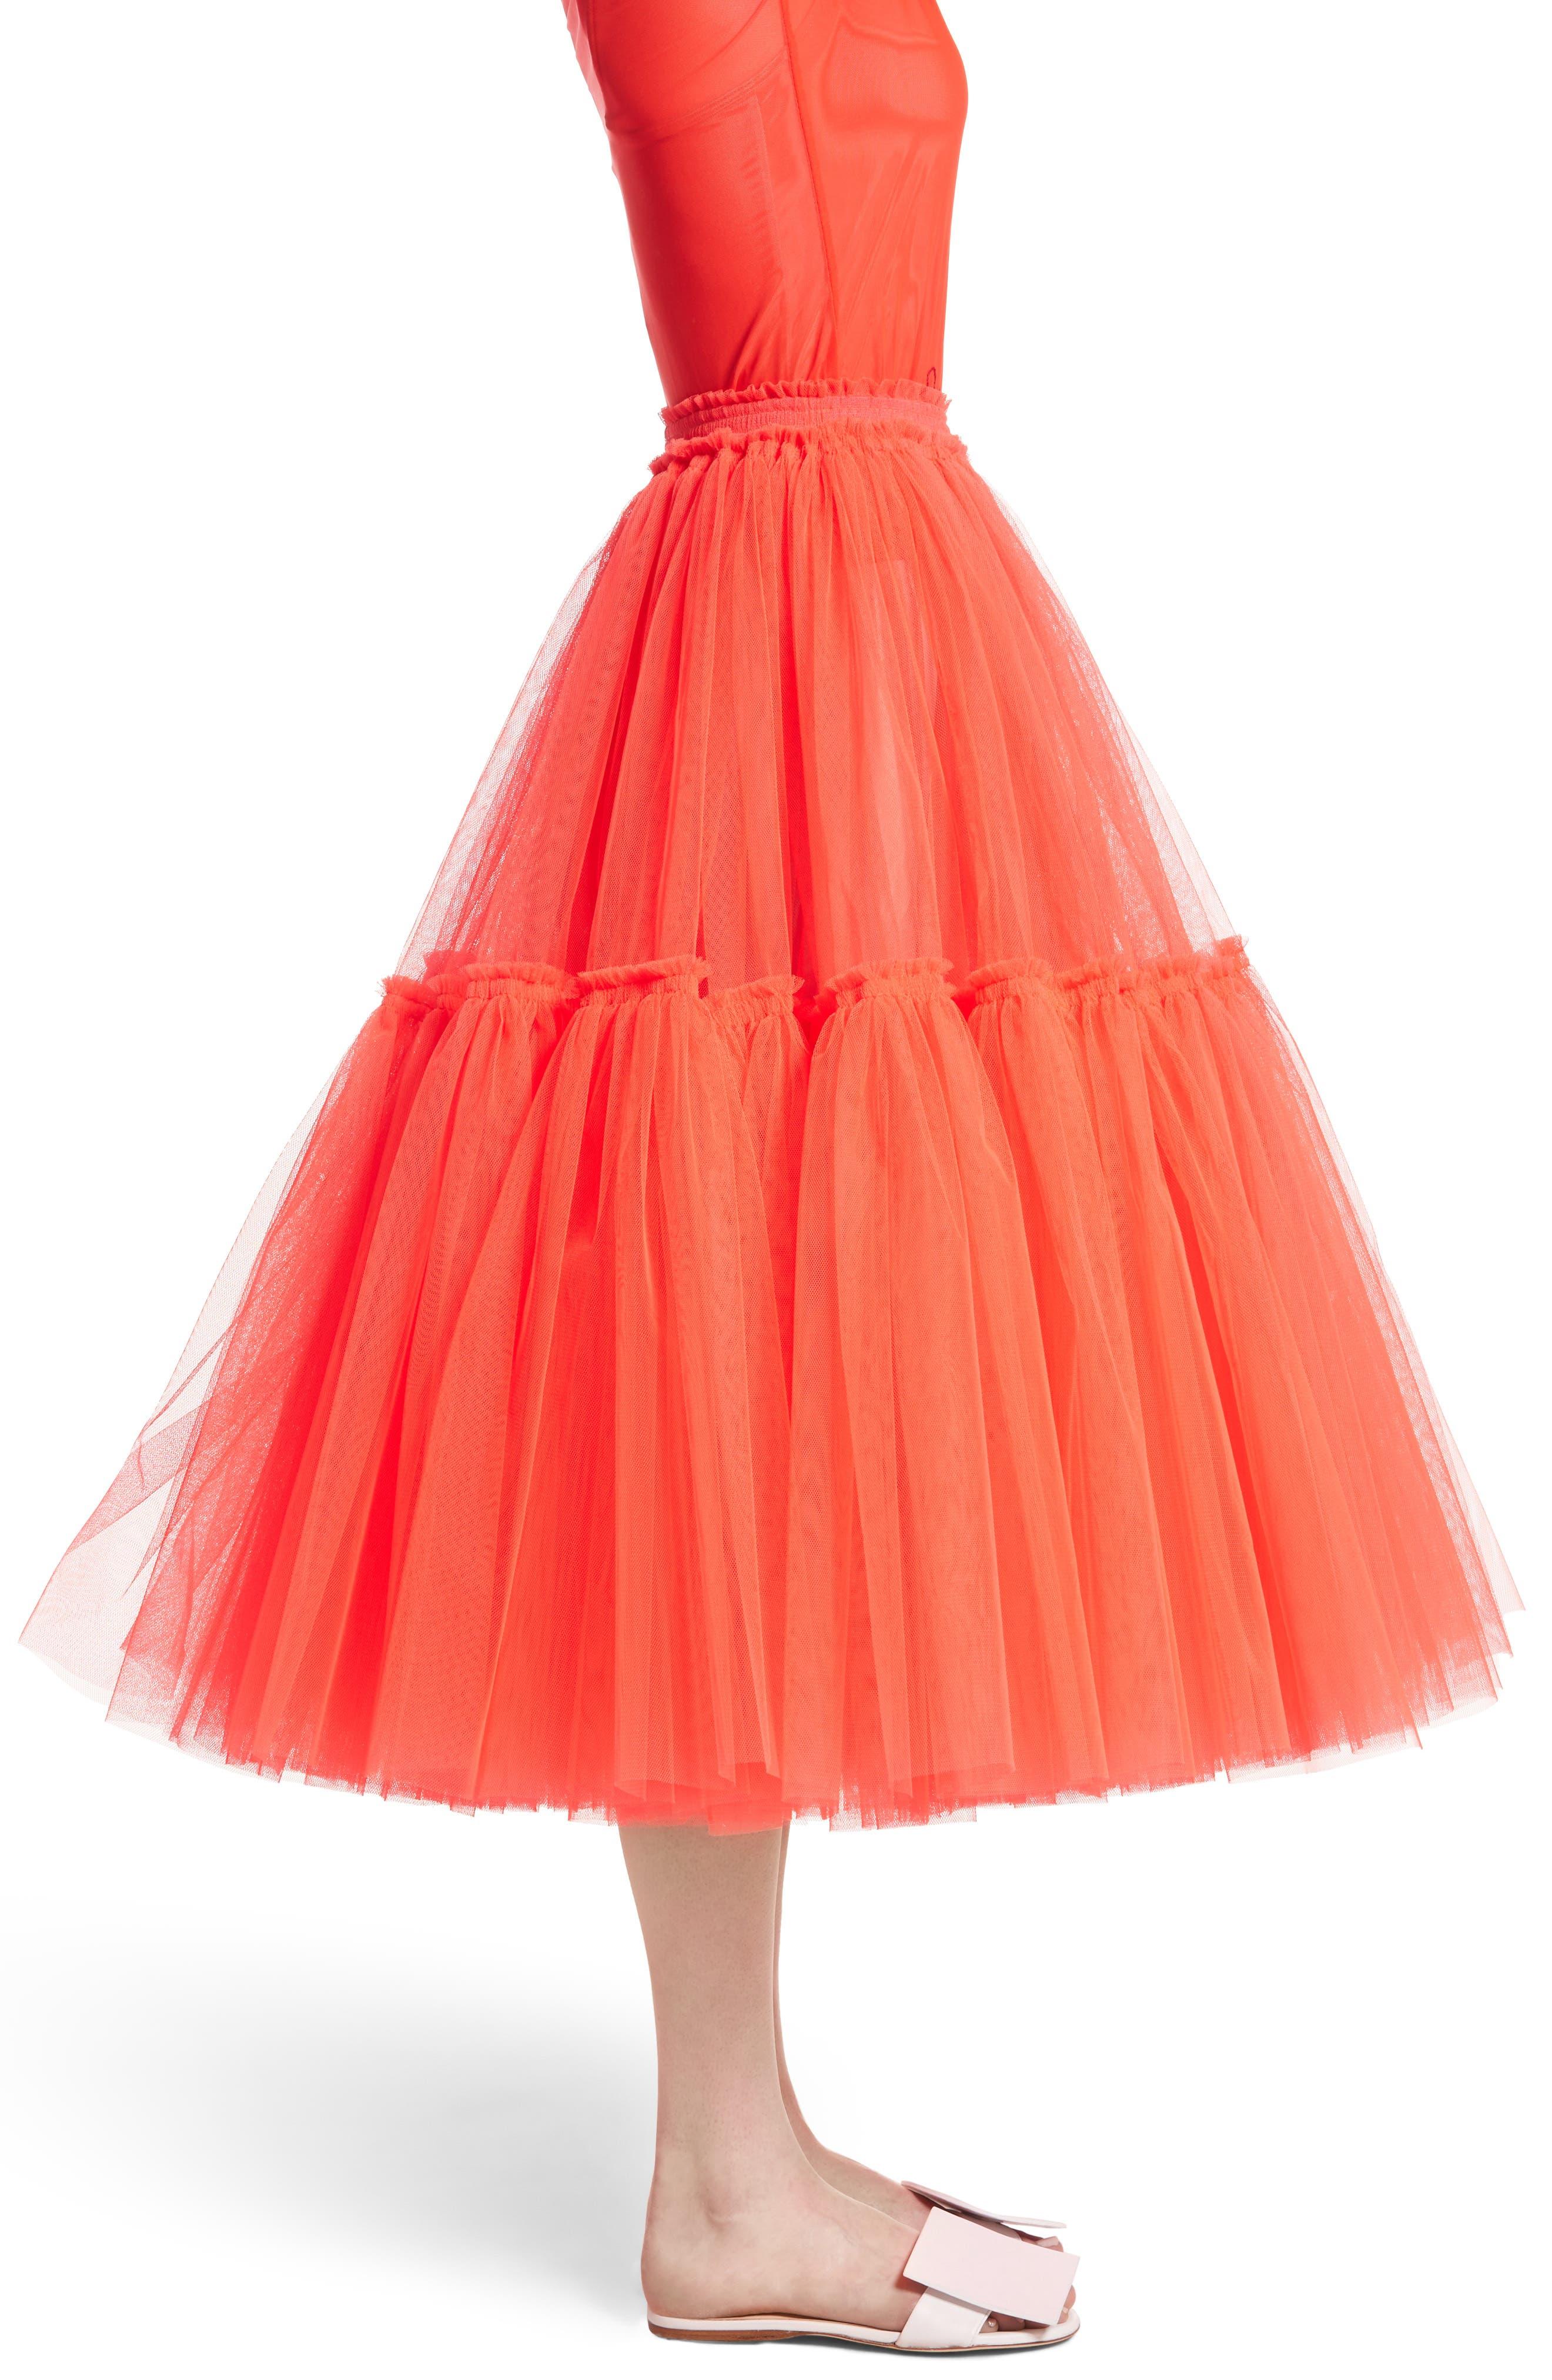 Gathered Tulle Skirt,                             Alternate thumbnail 6, color,